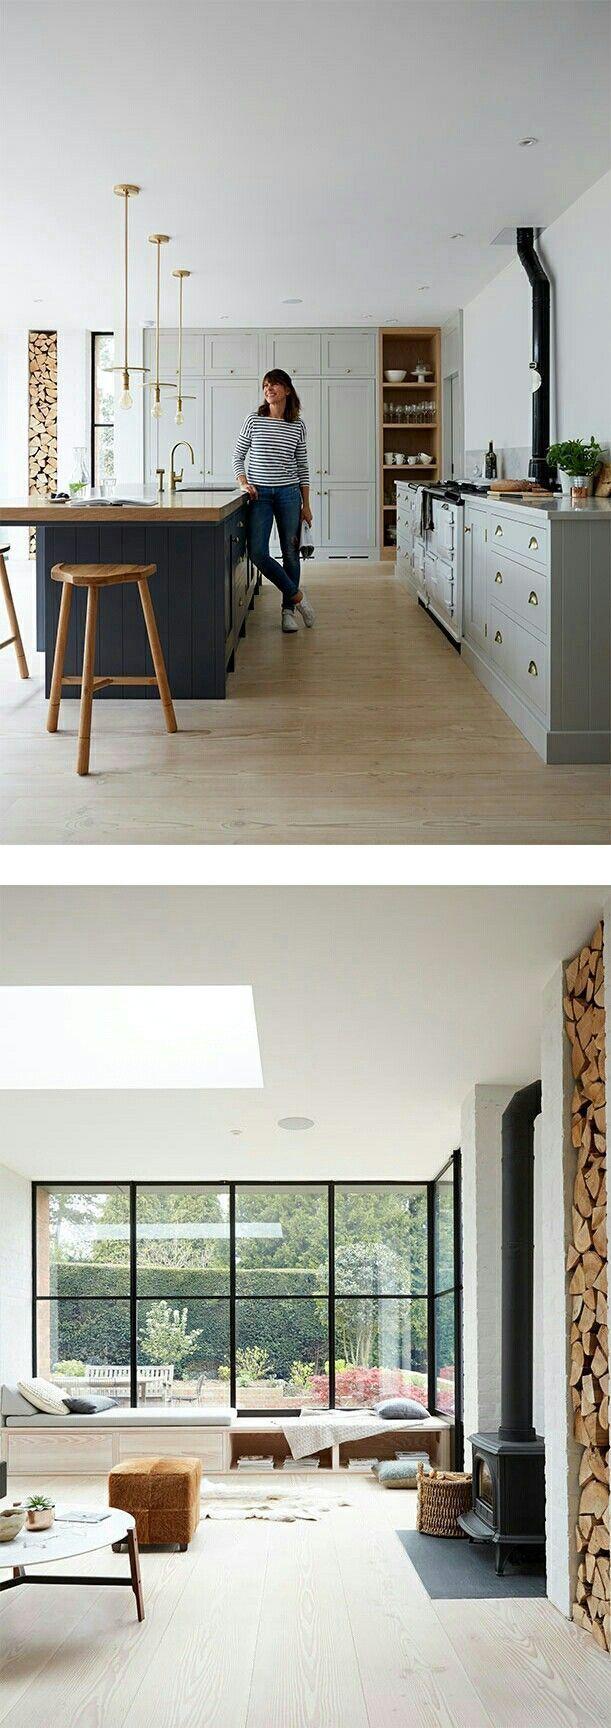 über küchenschrank ideen zu dekorieren minze mit dunklem marineblau  grau für die insel  dekoration ideen